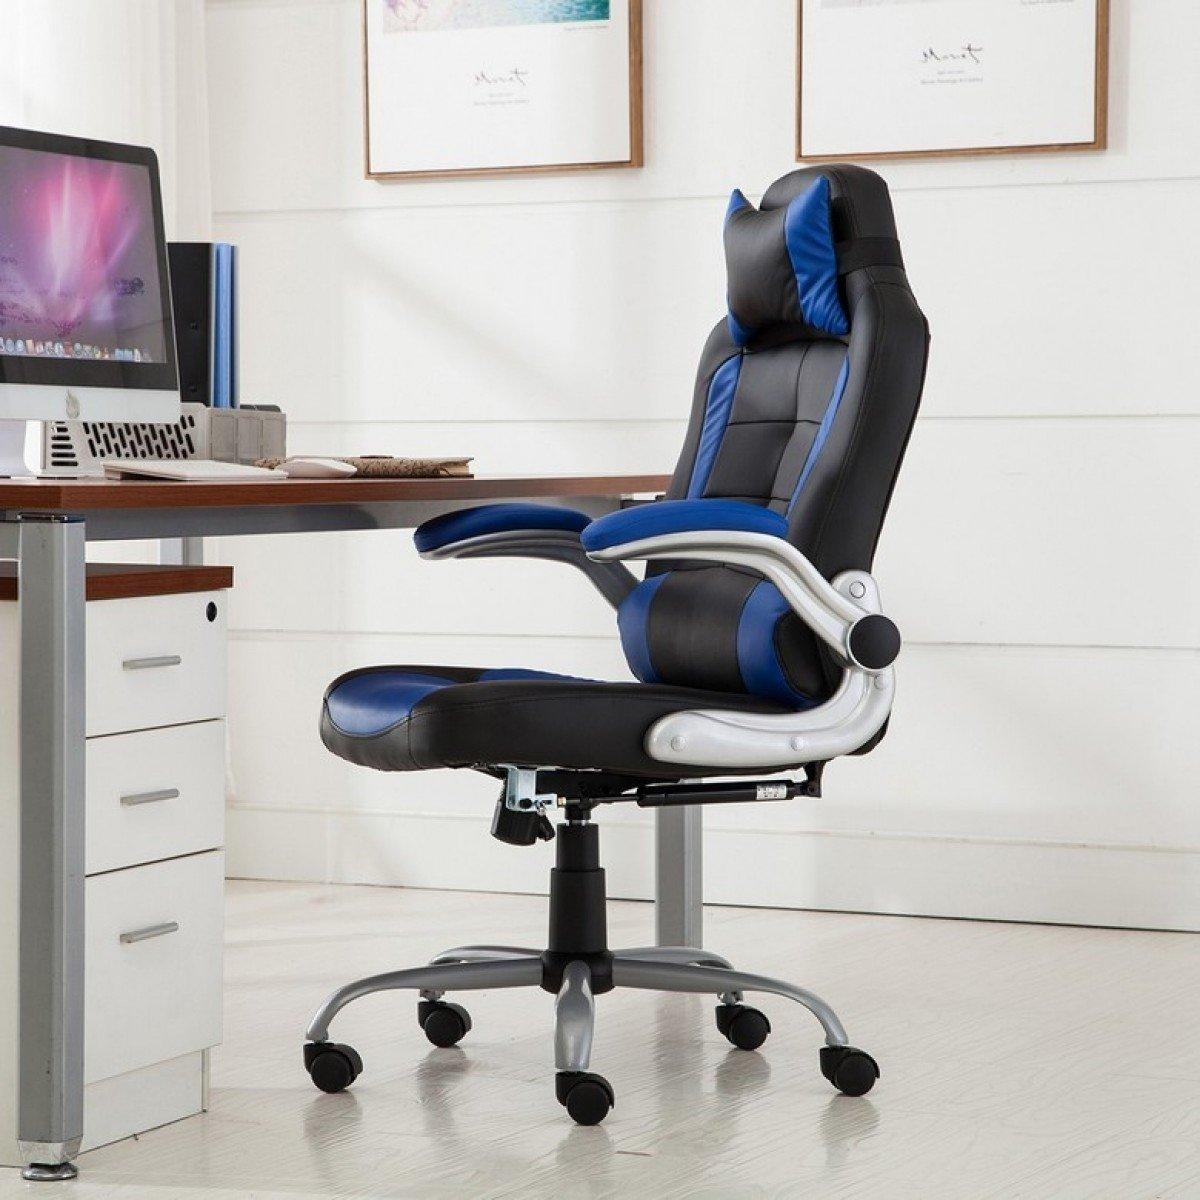 Καρέκλες - Πολυθρόνες γραφείου   Mymegamarket.gr